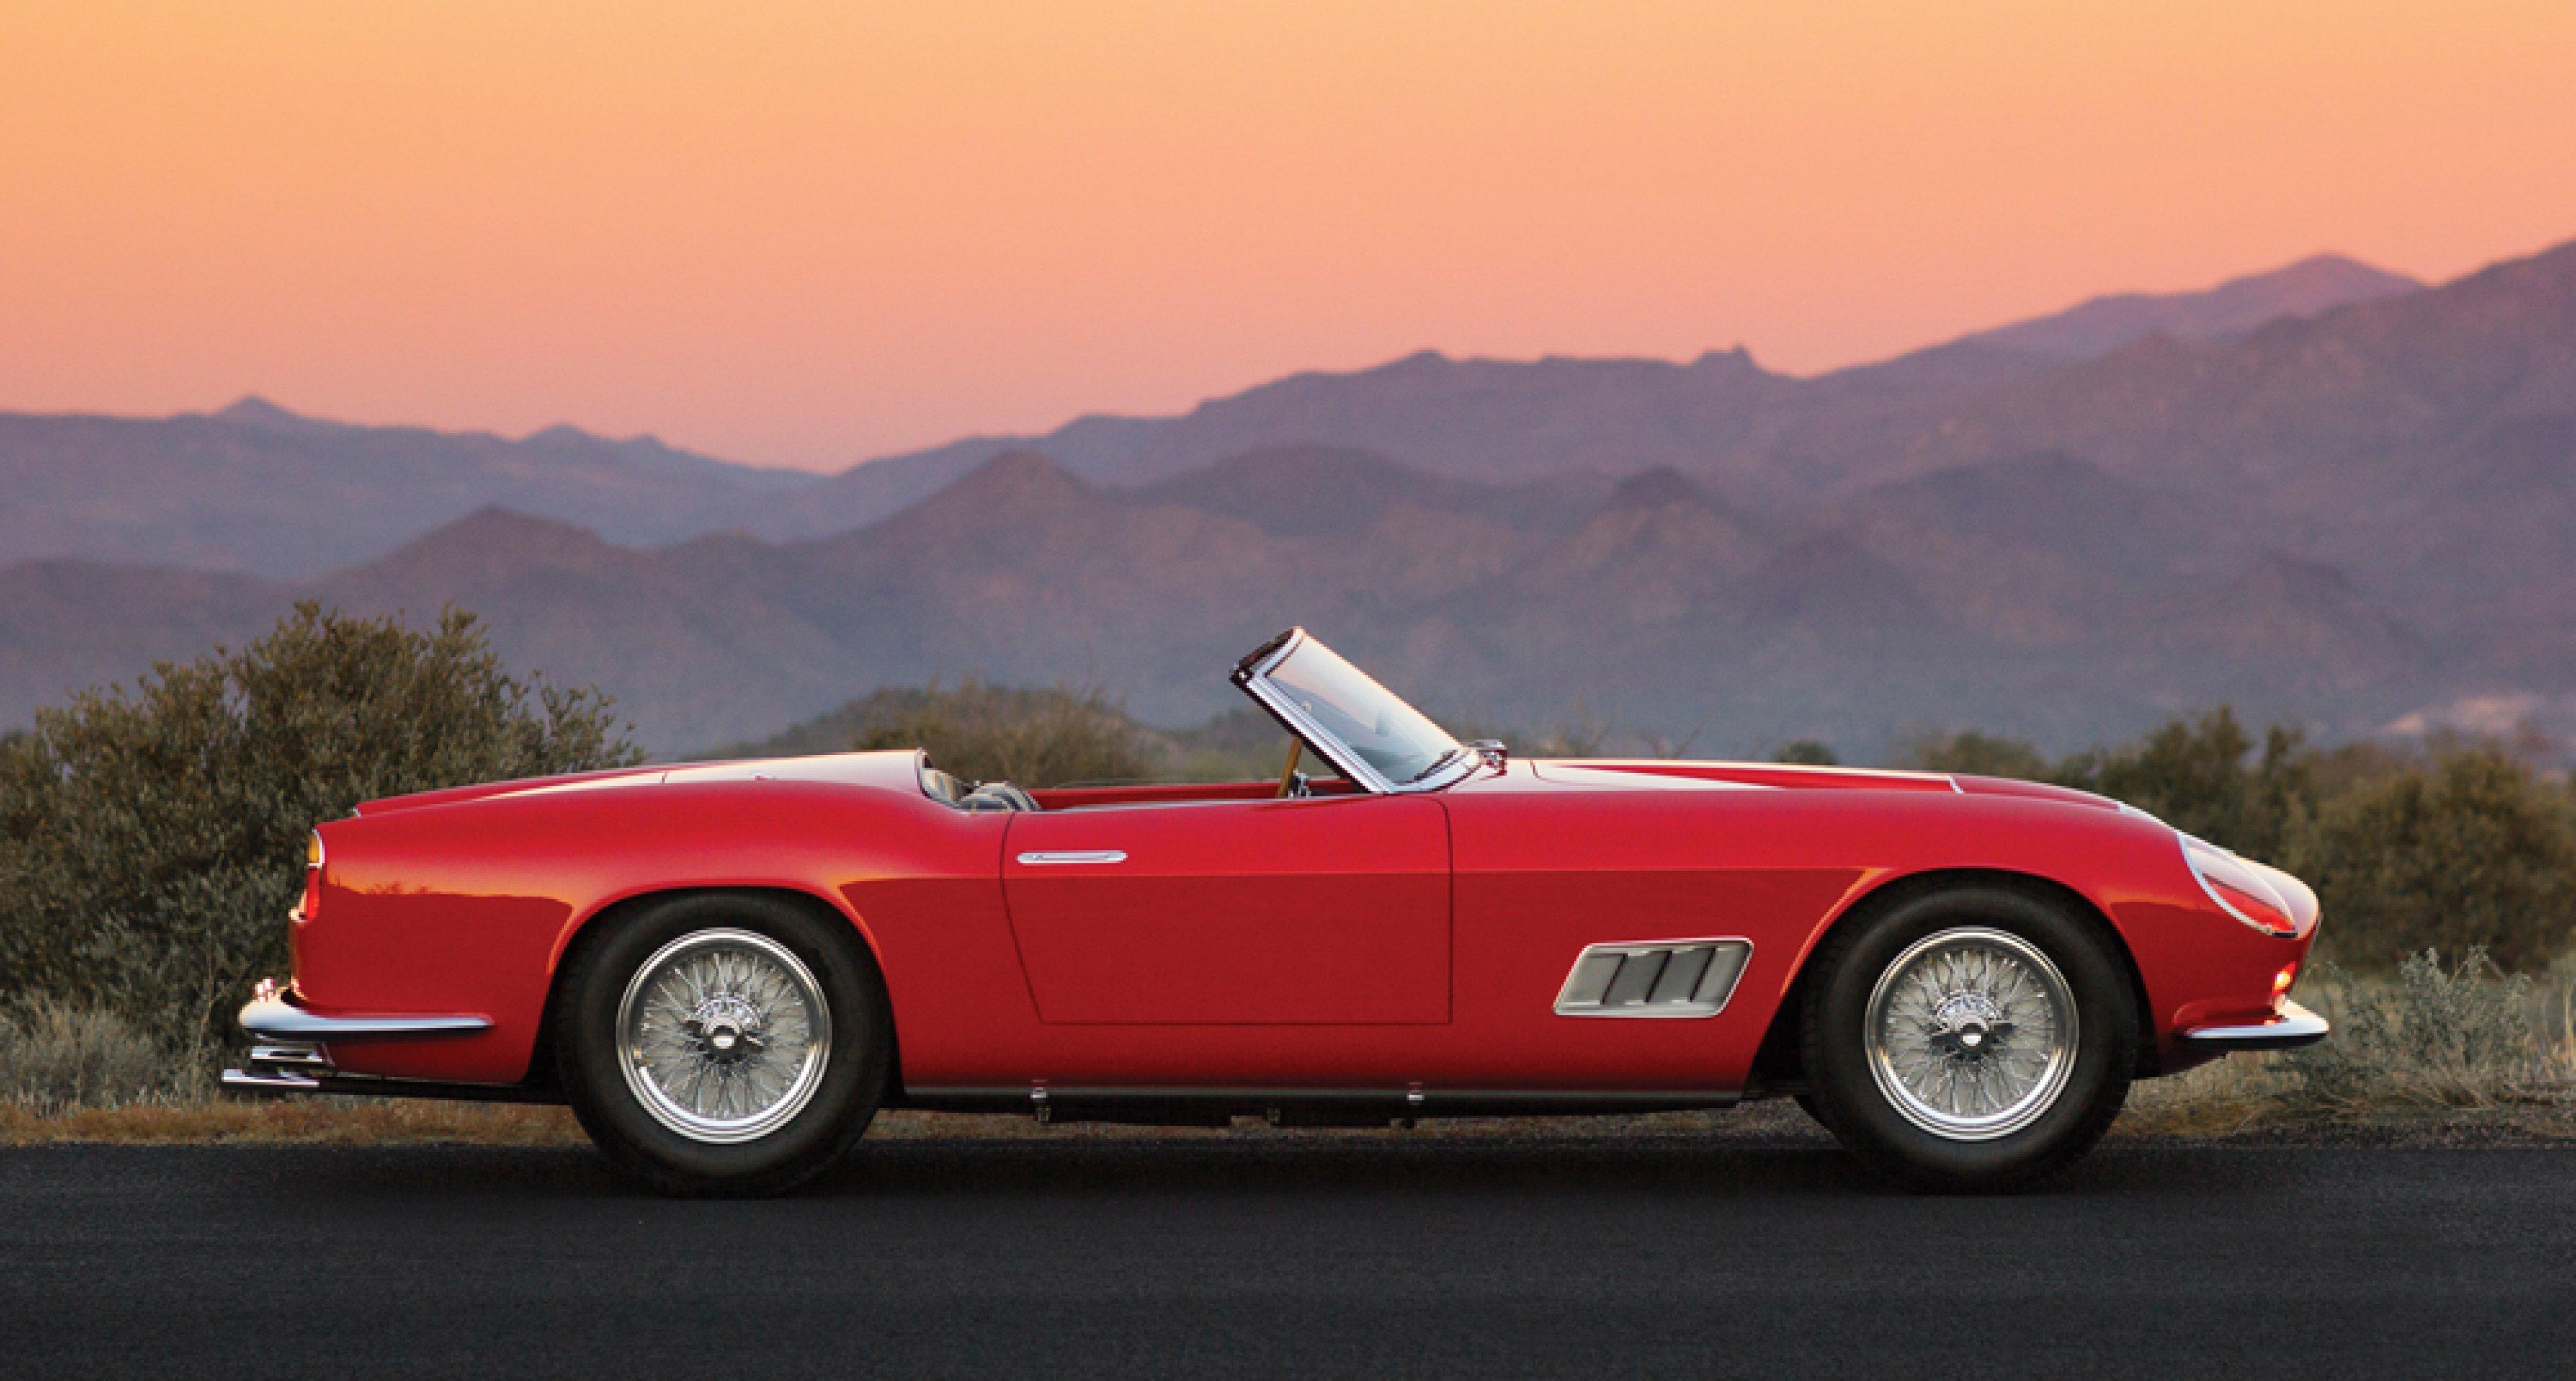 Ferrari 250 Gt California >> Cafe Racer 76 Timeless Classics Ferrari 250 Gt California